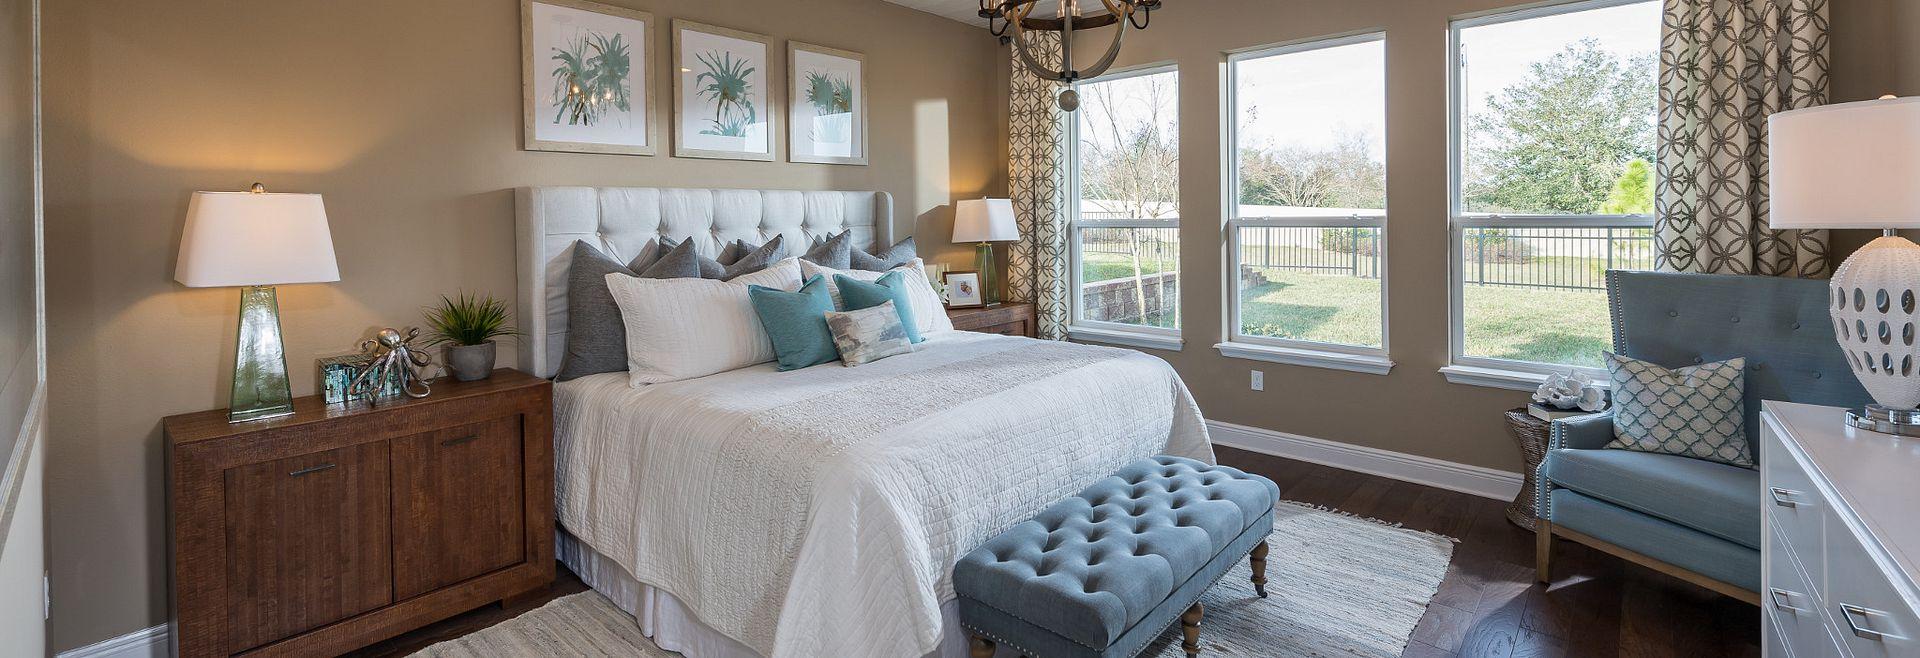 Declare Plan Master Bedroom